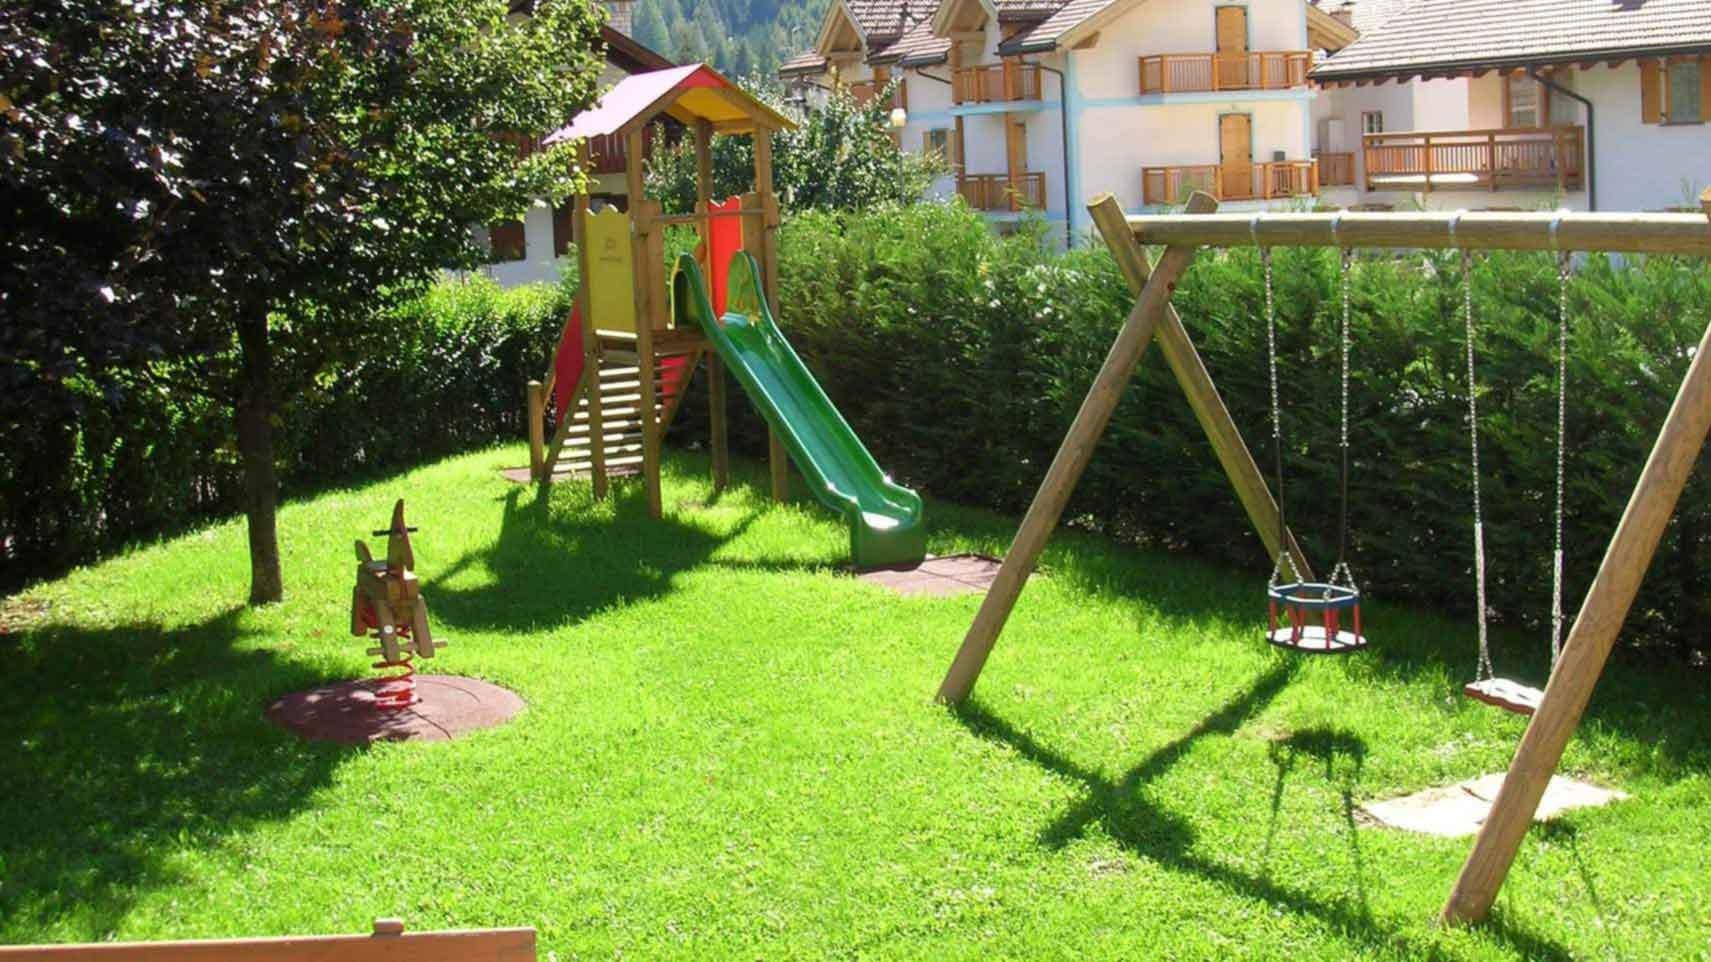 parco giochi hotel genzianella vacanza family Trentino